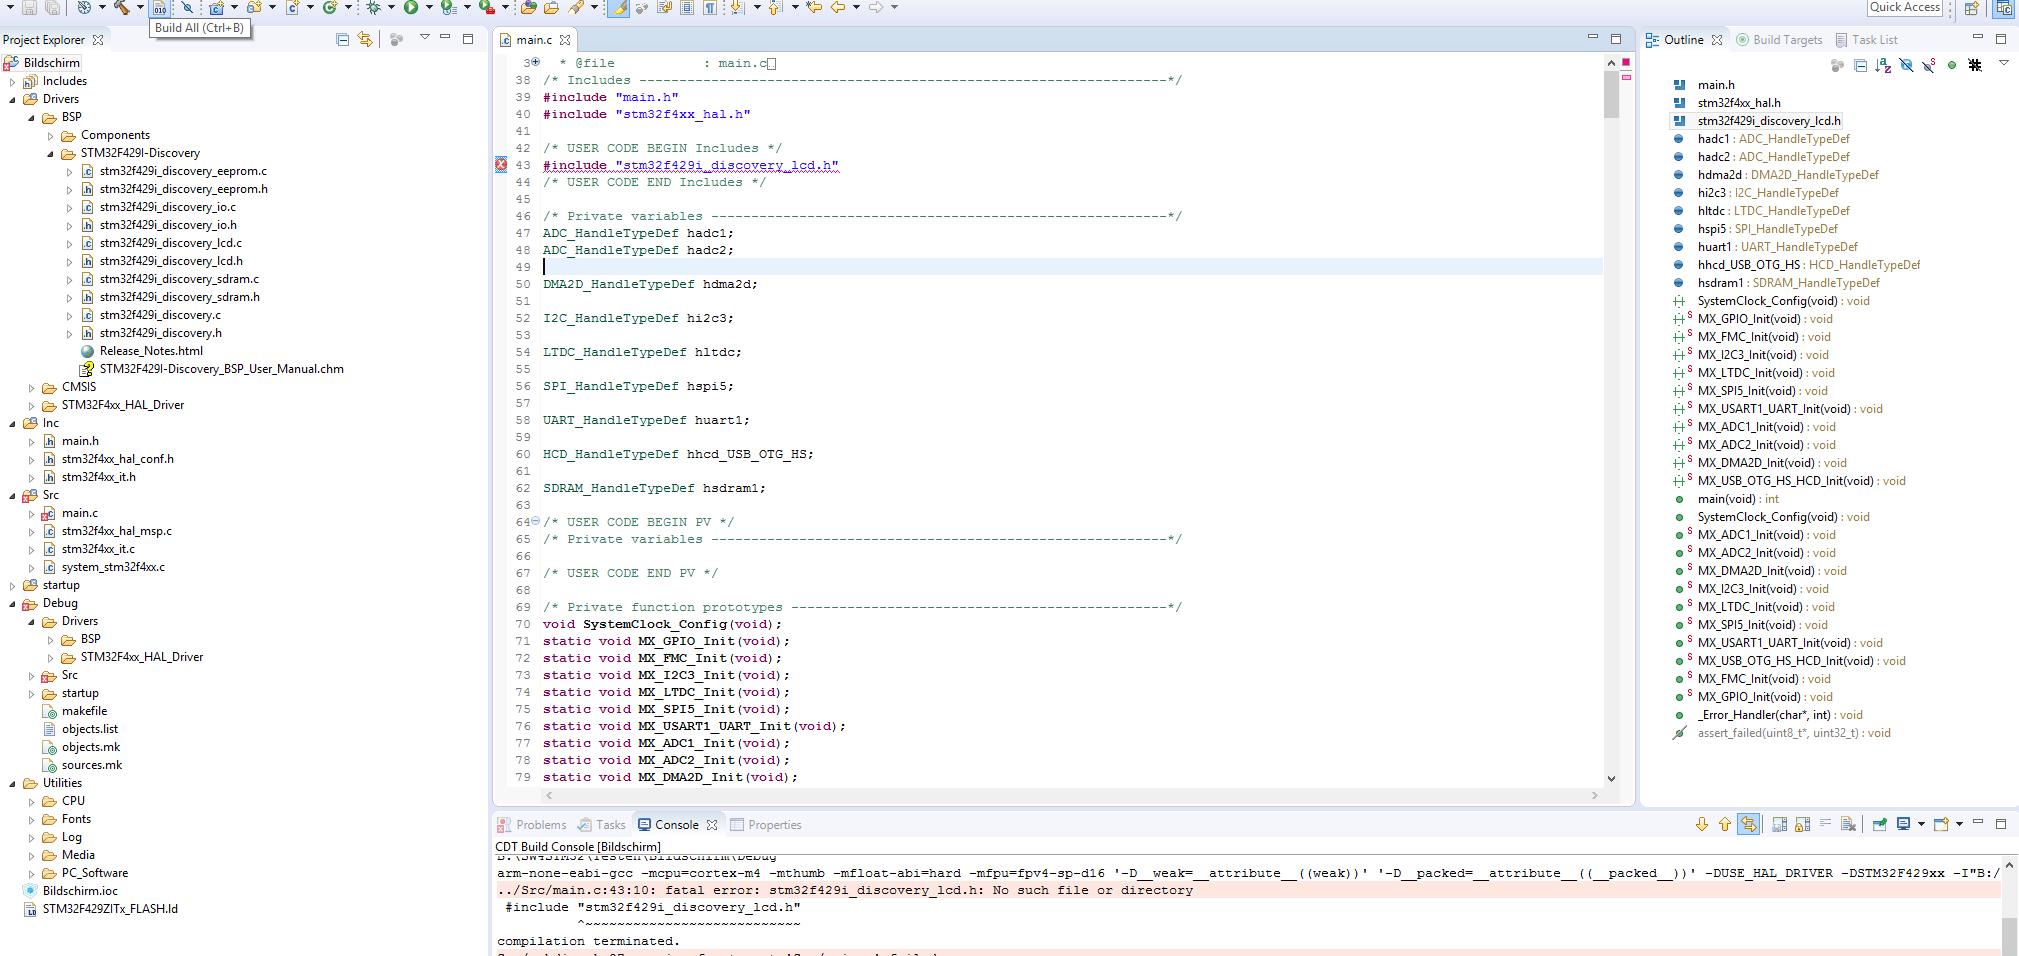 SW4STM32 und STM32F429i_Disco, Probleme beim compilieren